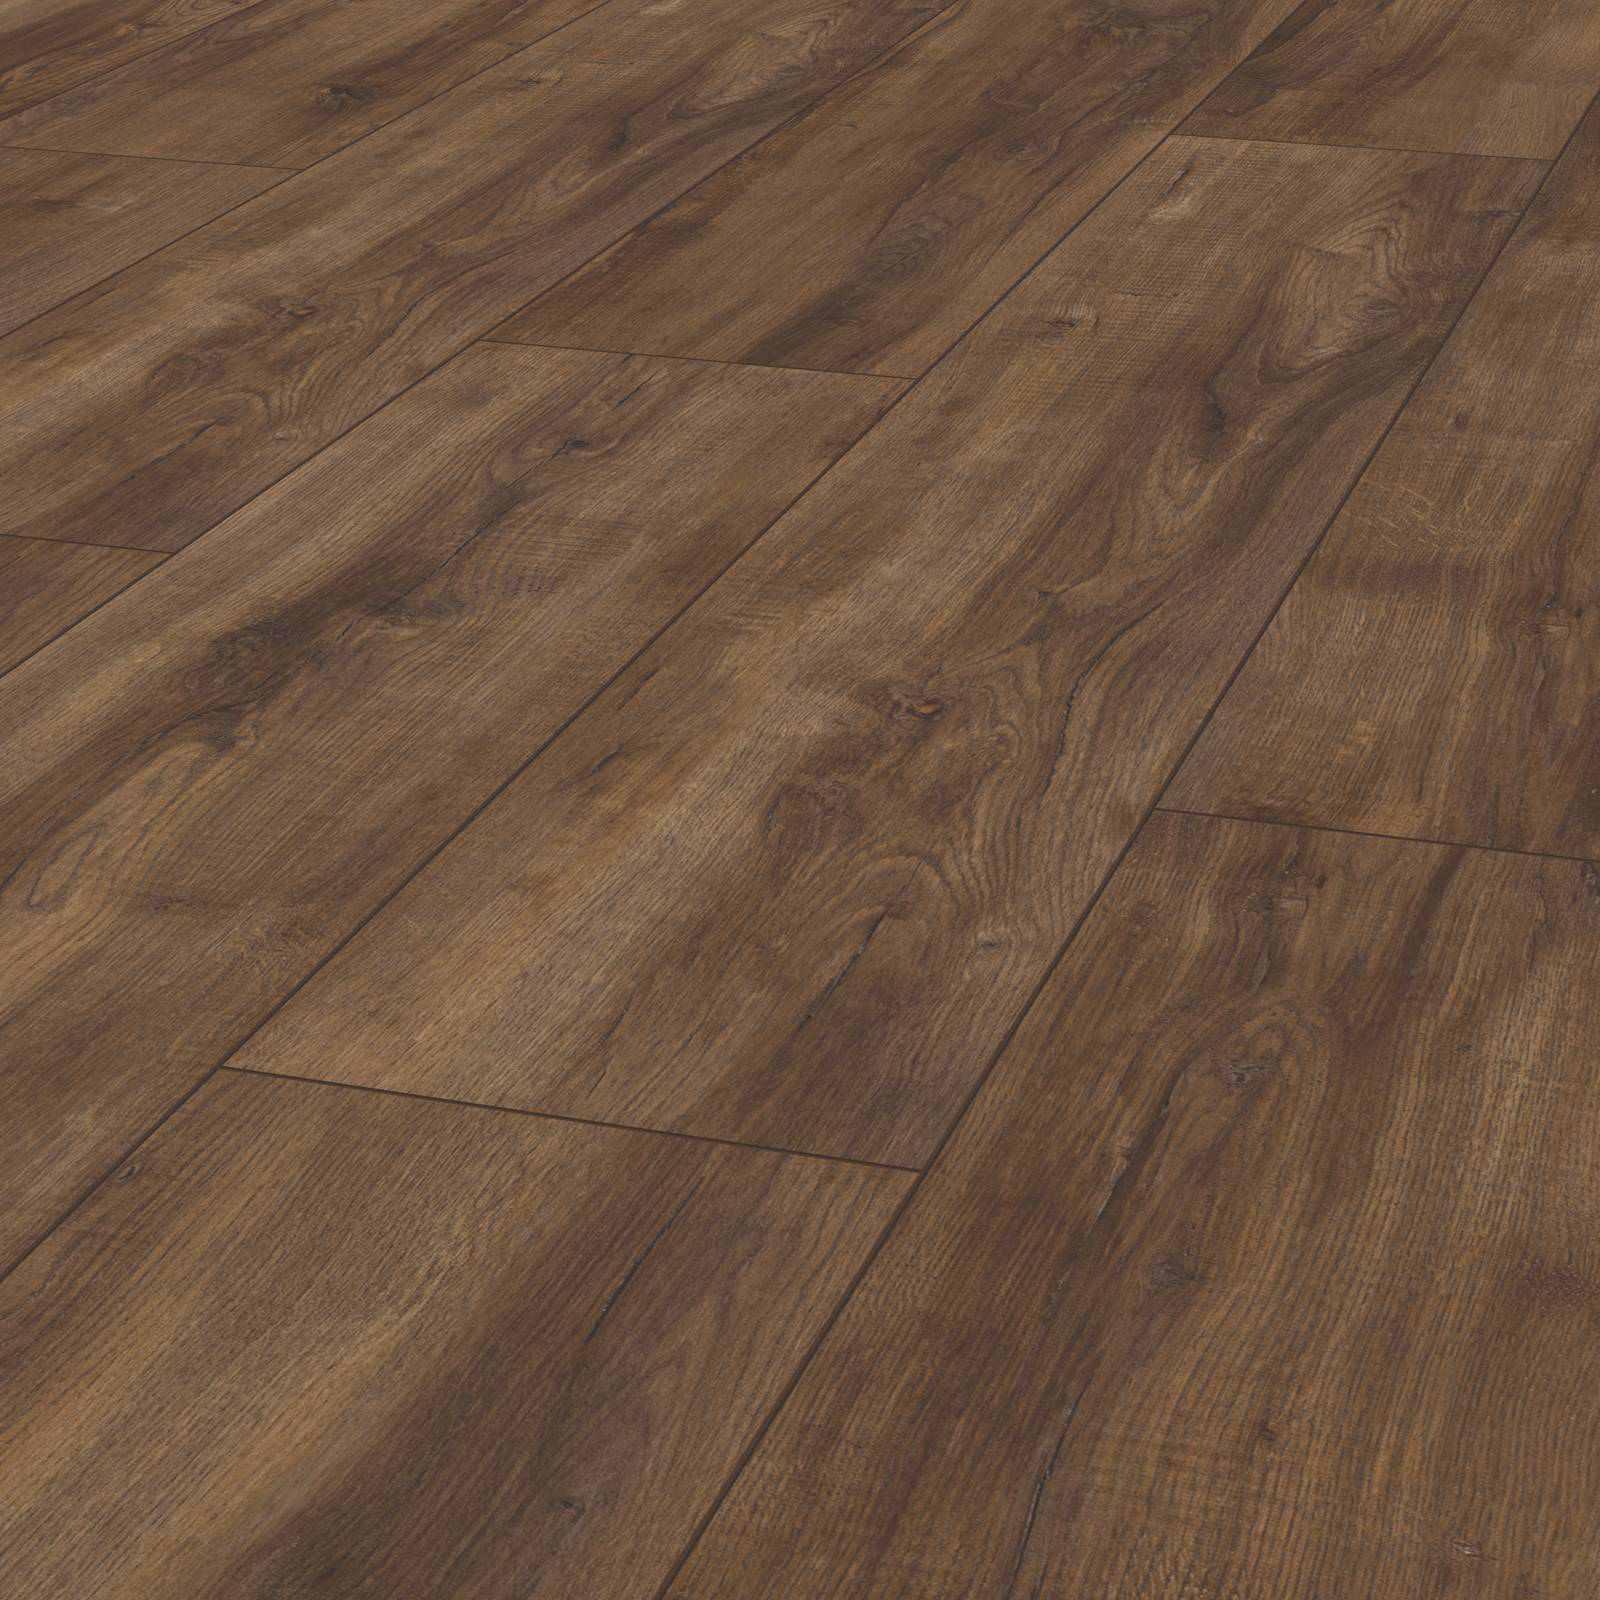 kronotex exquisit plus montmelo eiche toffee d3664 laminat palette 113 11 m exquisit plus. Black Bedroom Furniture Sets. Home Design Ideas